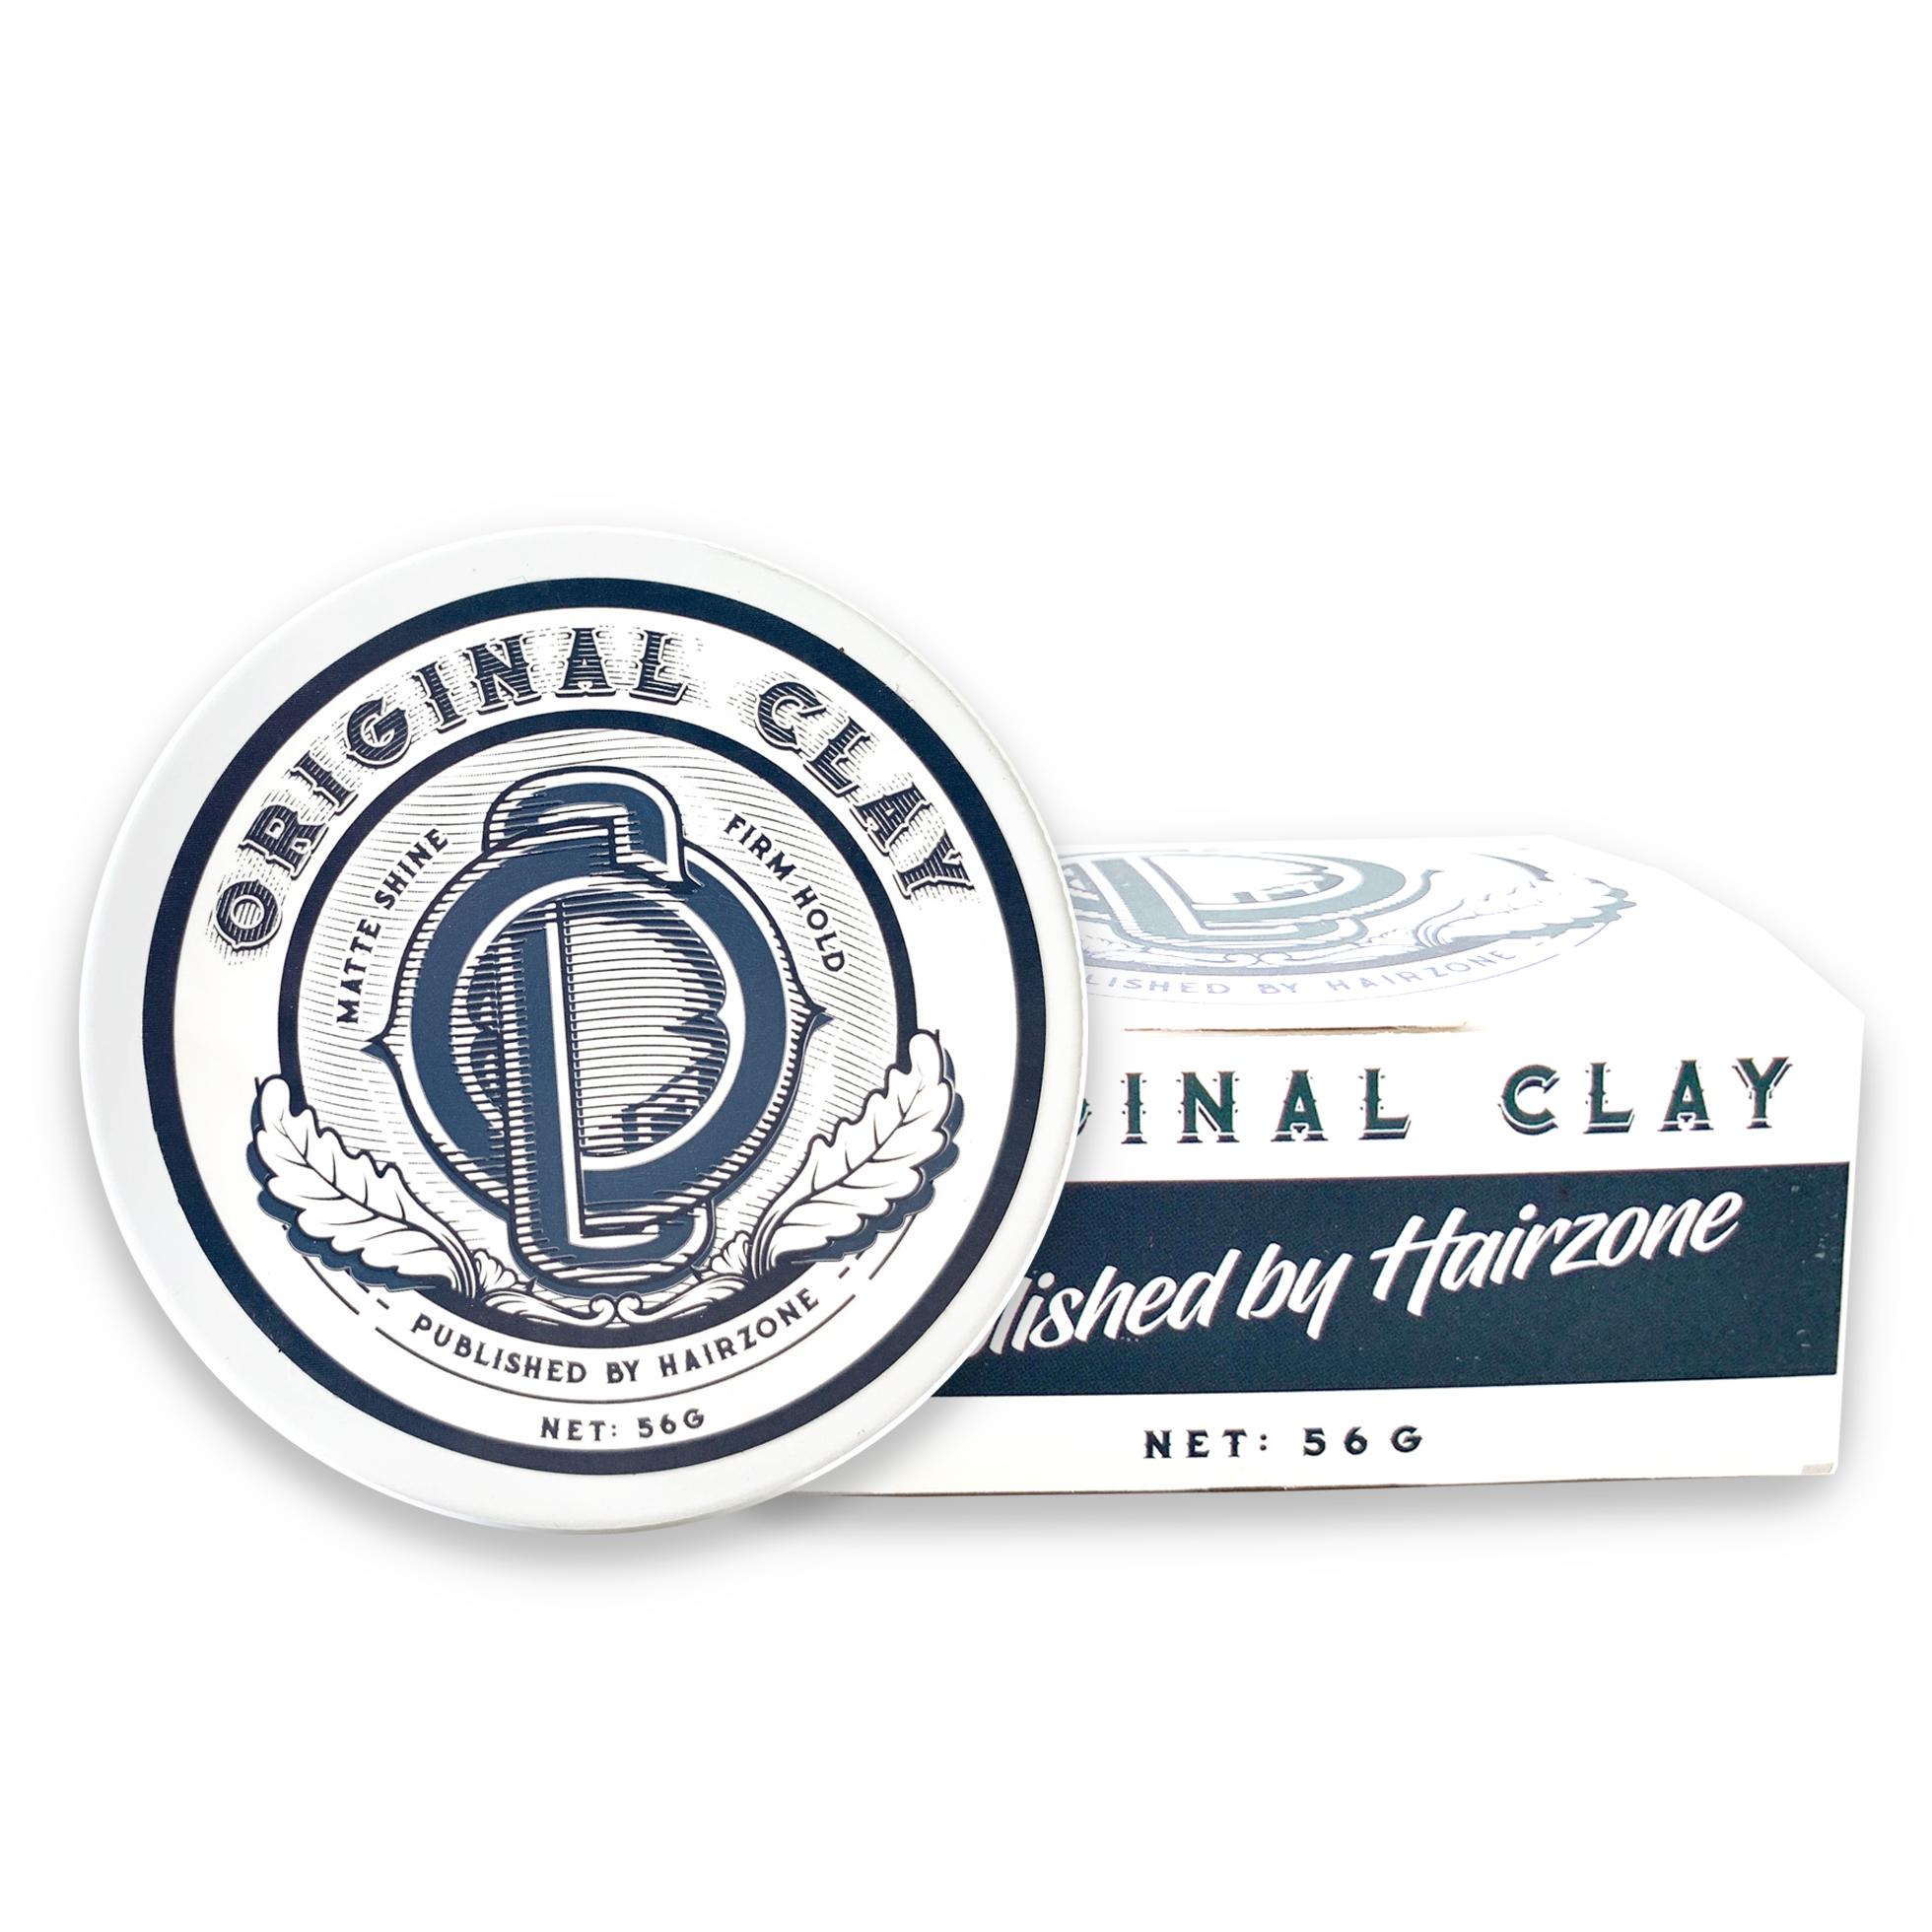 Kết quả hình ảnh cho original clay 2019